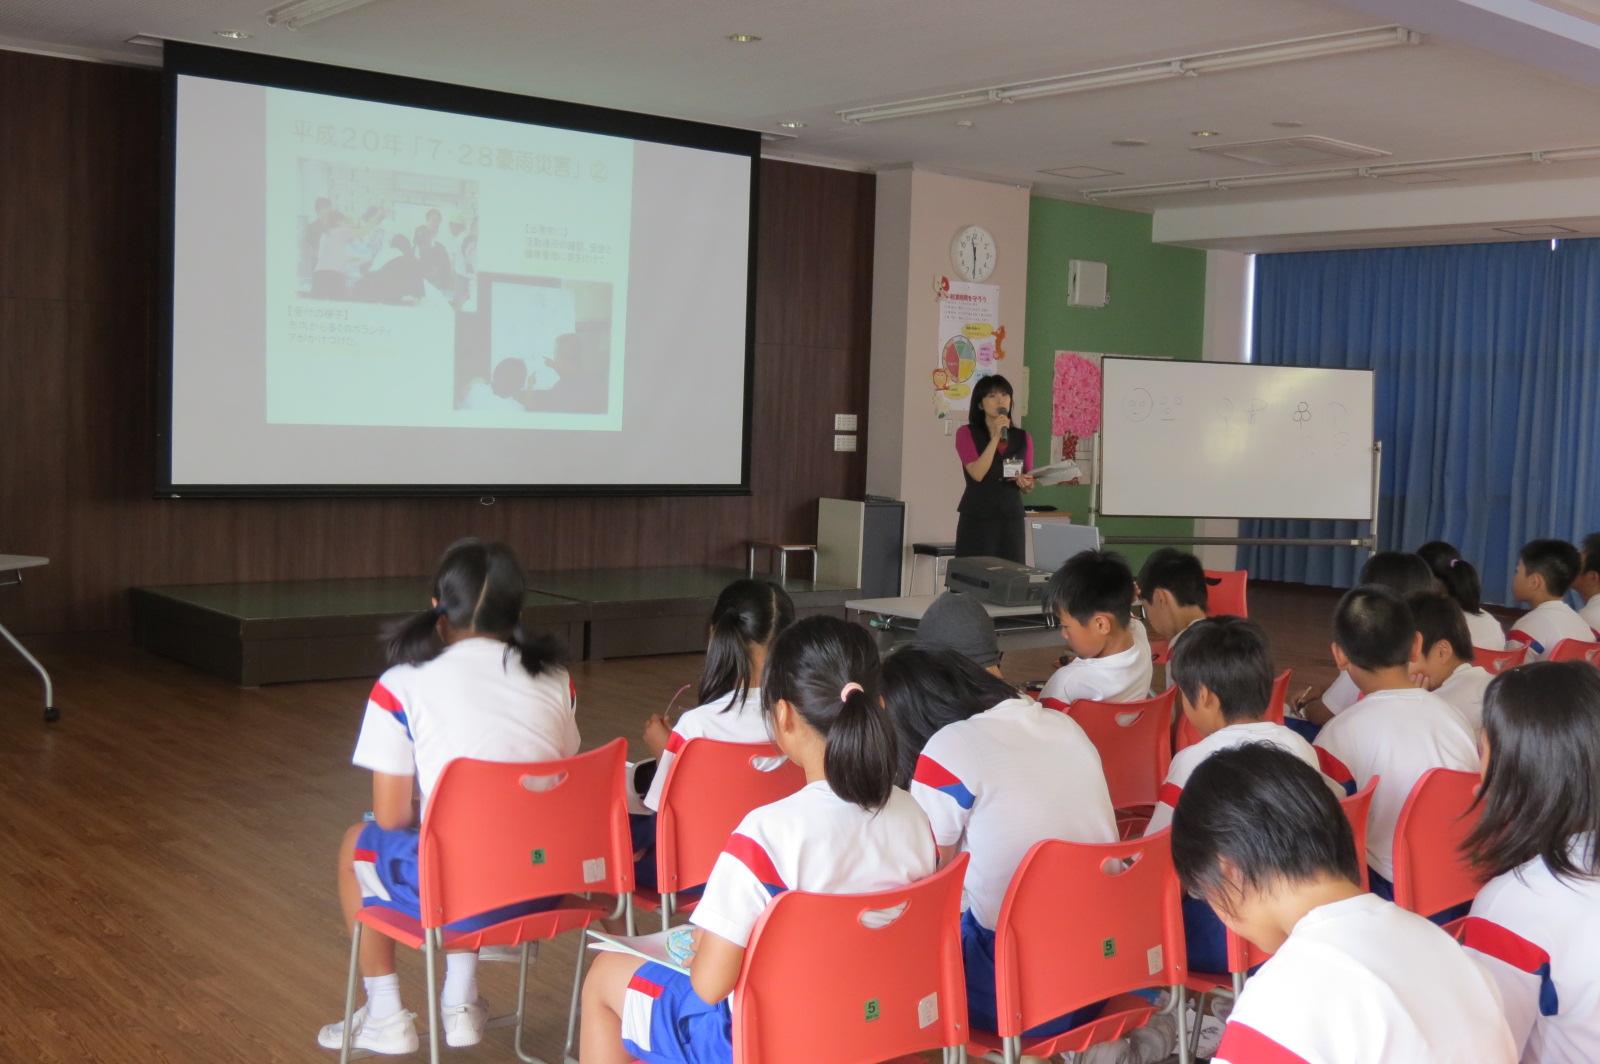 福野小学校 ボランティア学習の授業に行ってきました!_b0159251_15515742.jpg